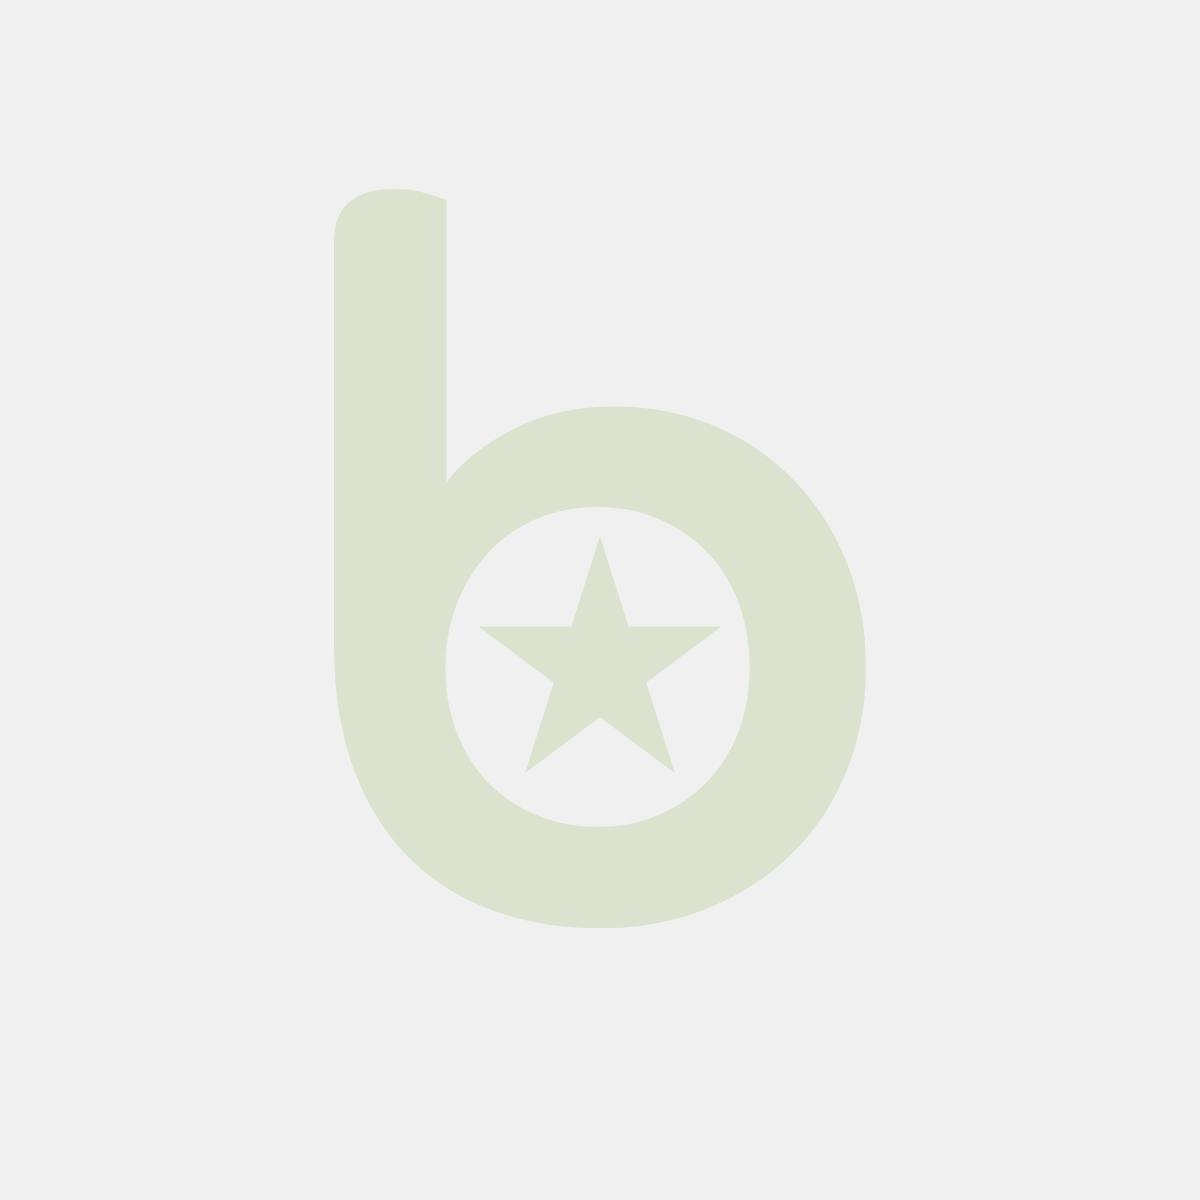 Pojemnik obiadowy do zgrzewu D-9400, 3-dzielny, czarny, 227x178x40, cena za op. 40 sztuk